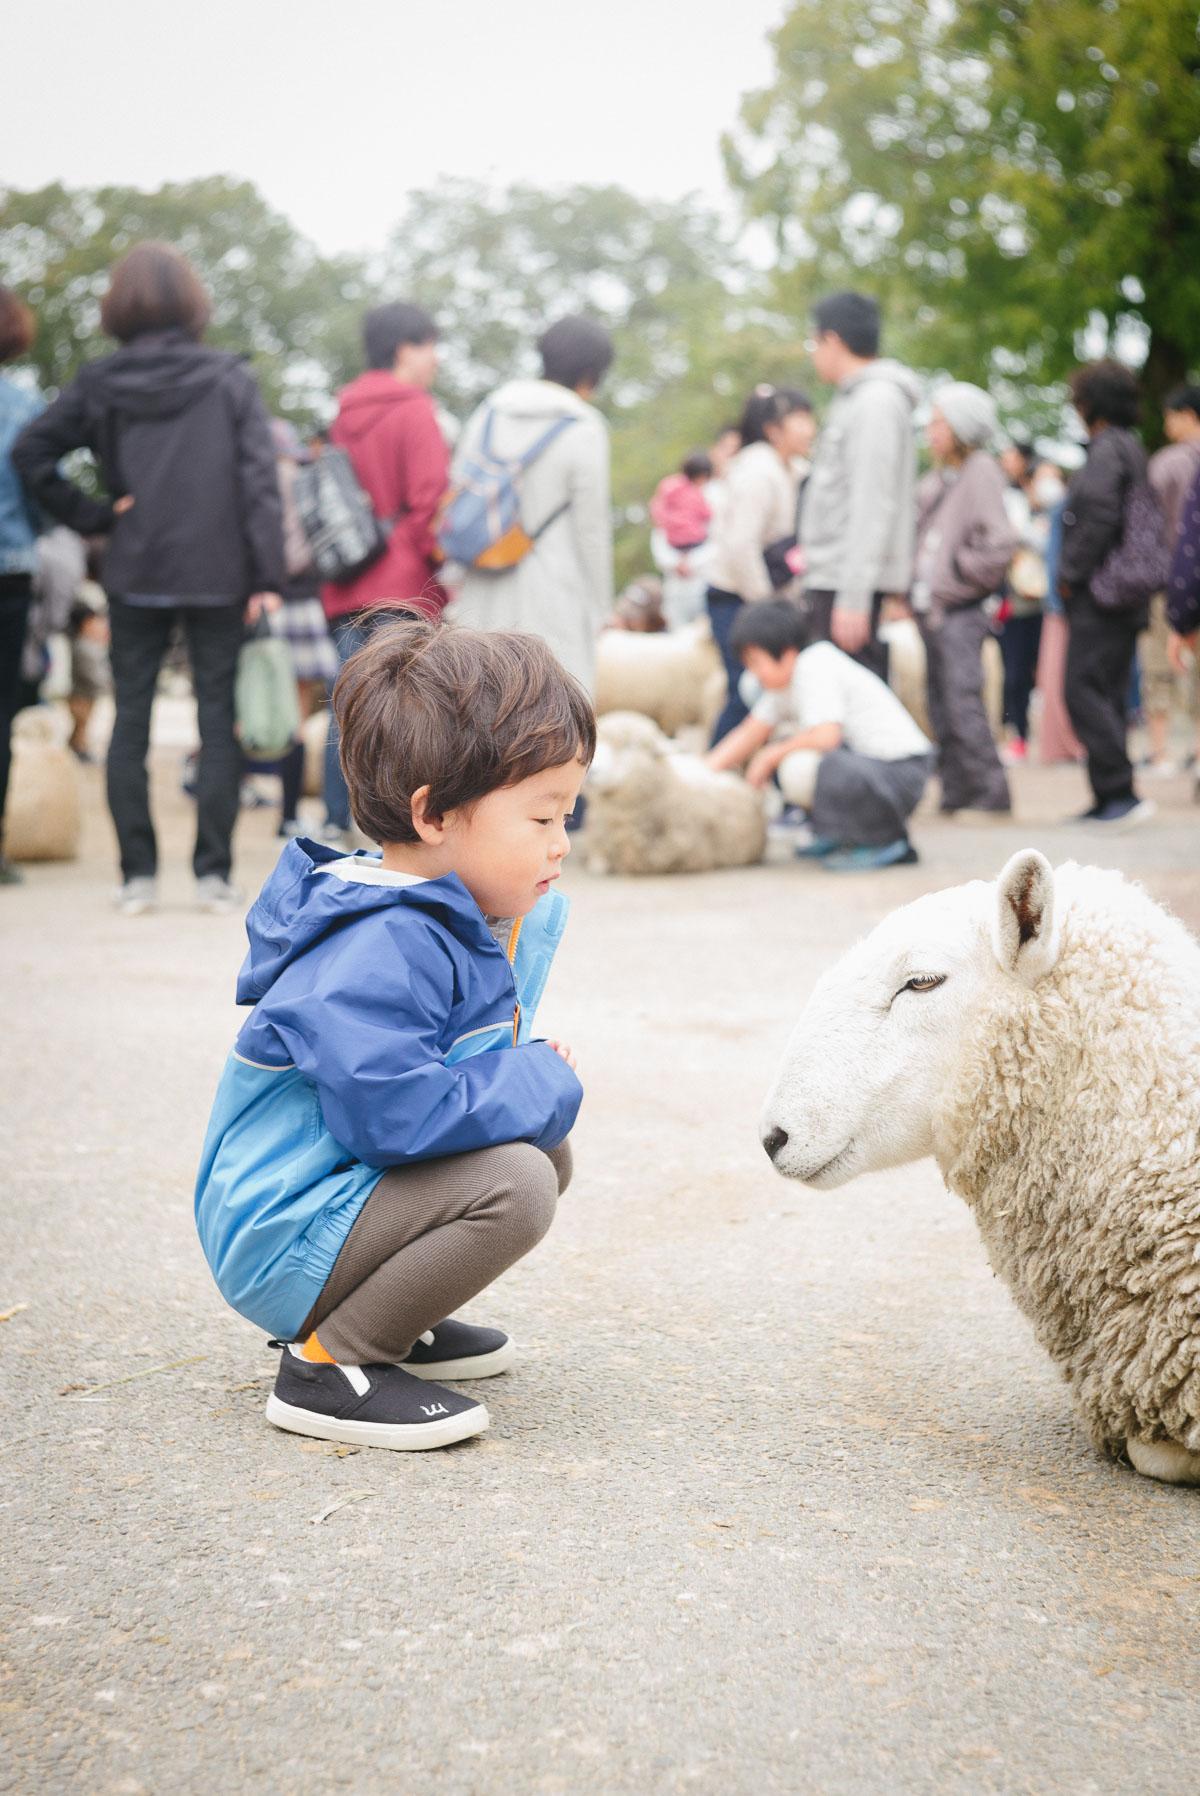 羊と向き合うタイチ